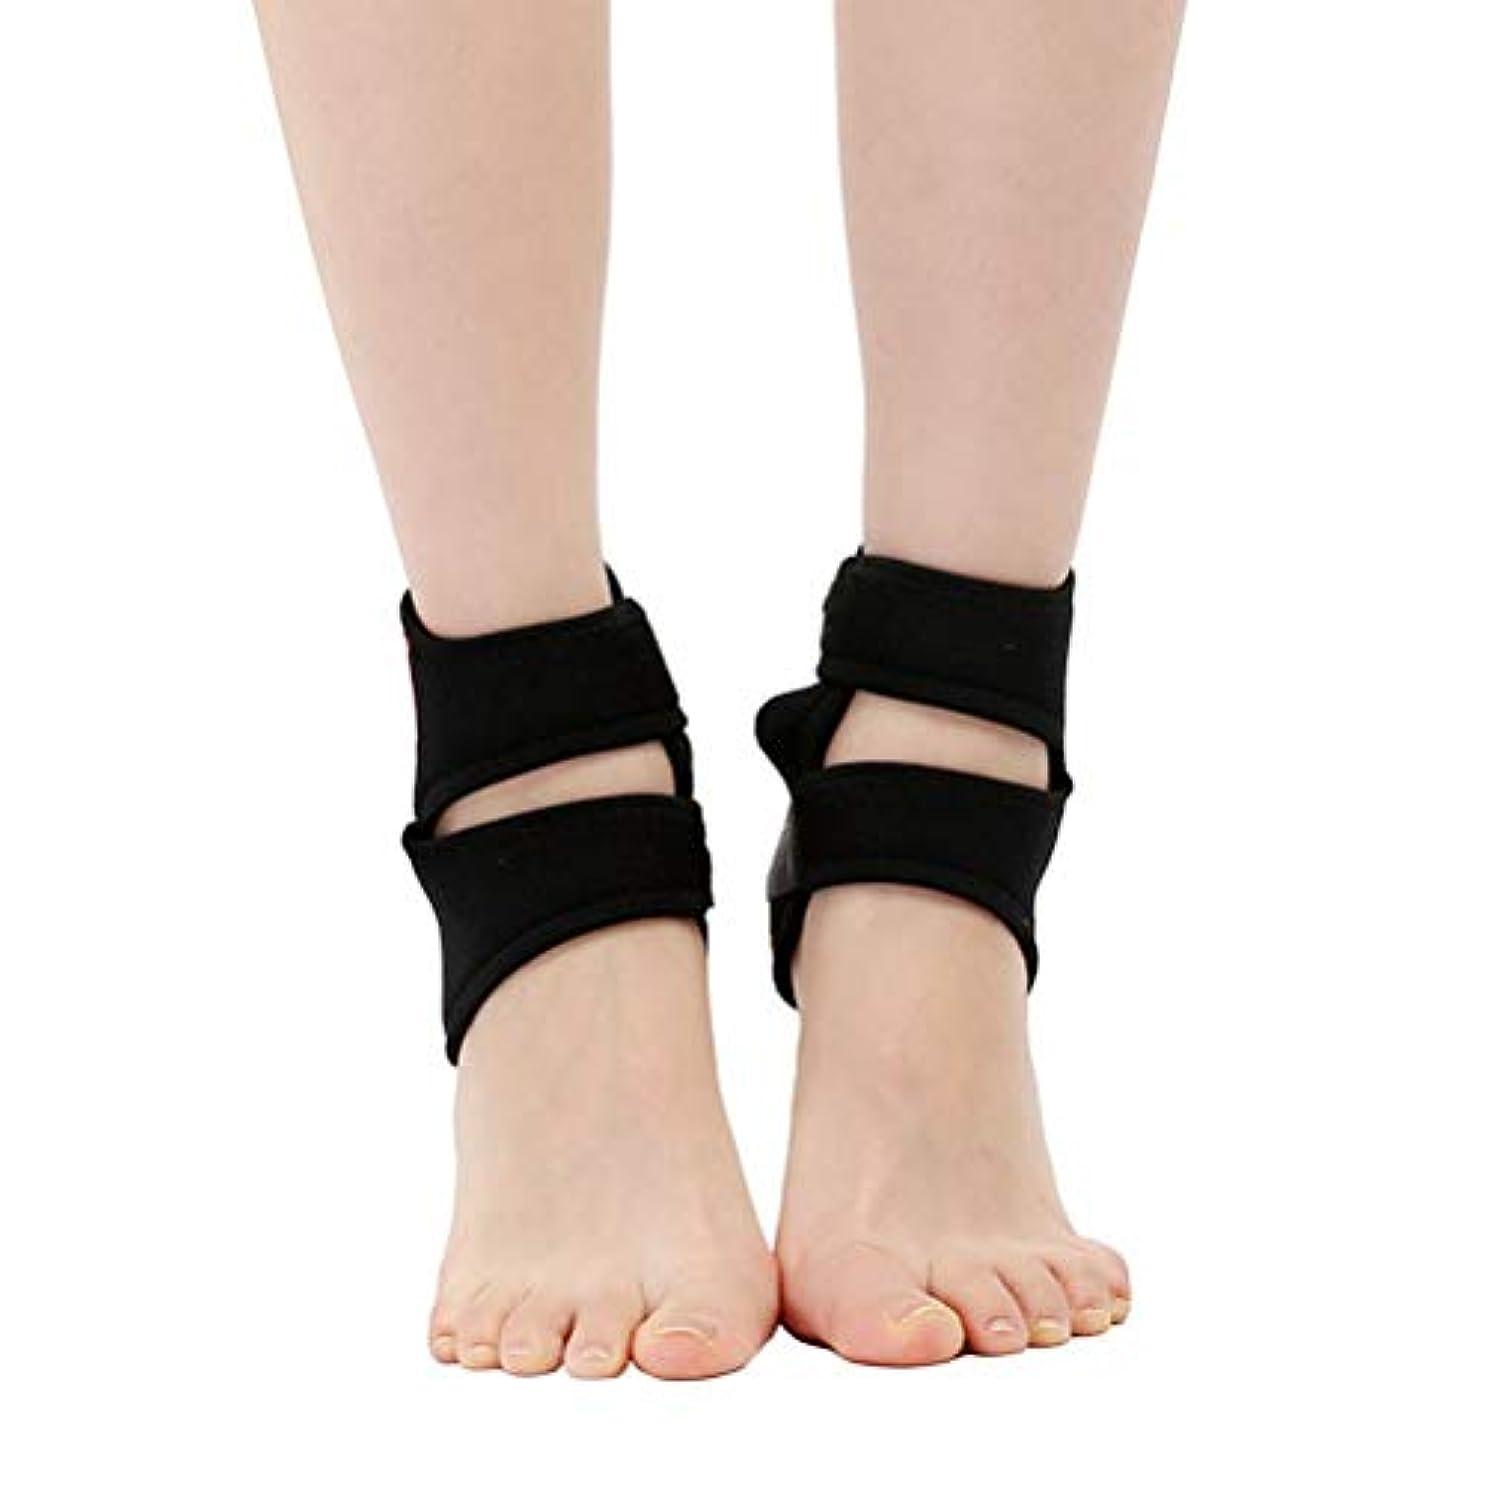 細胞エロチック輪郭Healifty 2Pcs調節可能な足首捻挫サポートストラップ足首保護ブレース用スポーツ保護